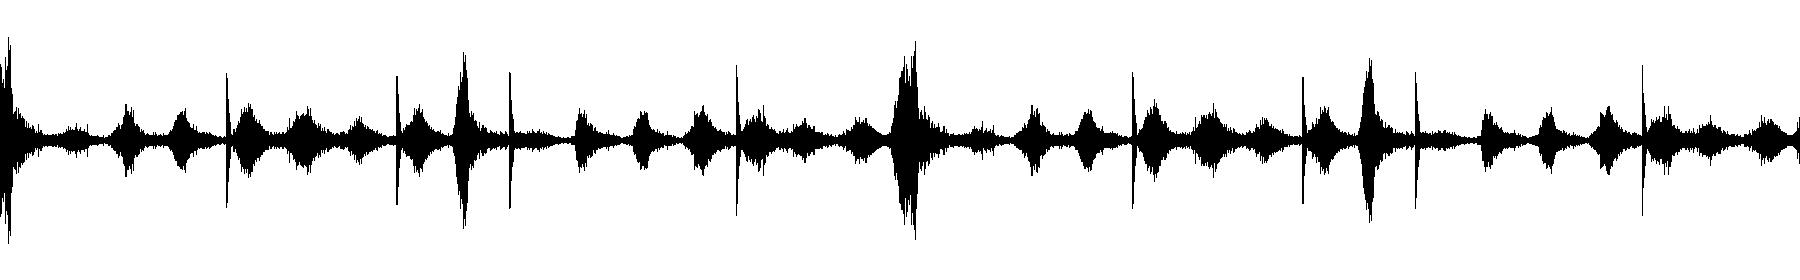 ehp percloop 127 21